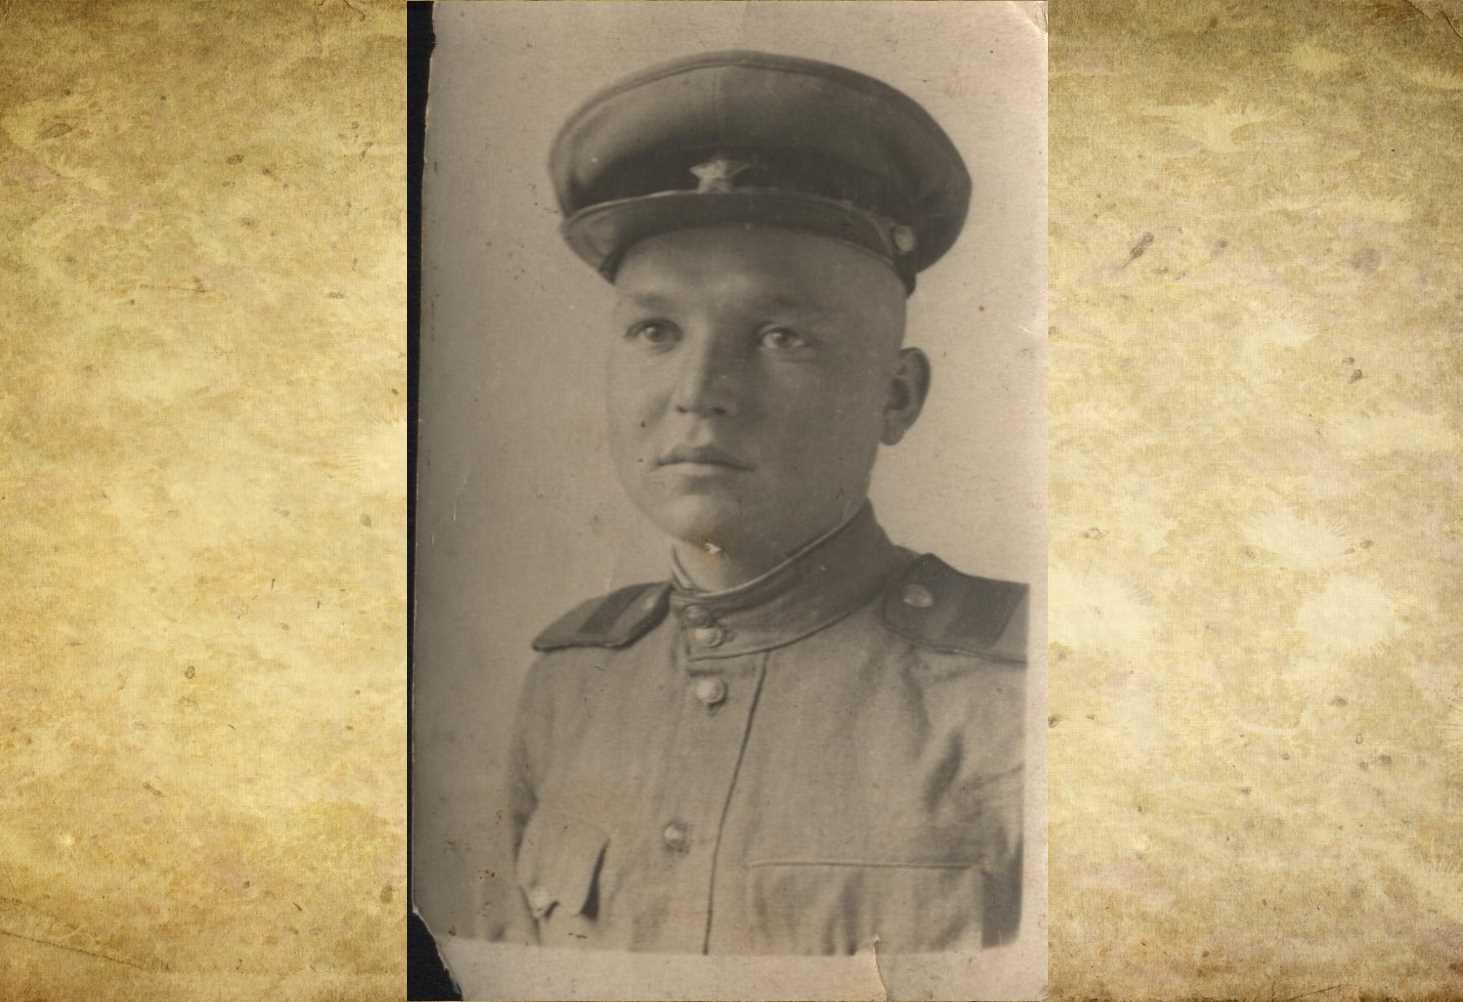 lichnye-vospominaniya-veterana-vojny-i-truda-viktora-ivanova